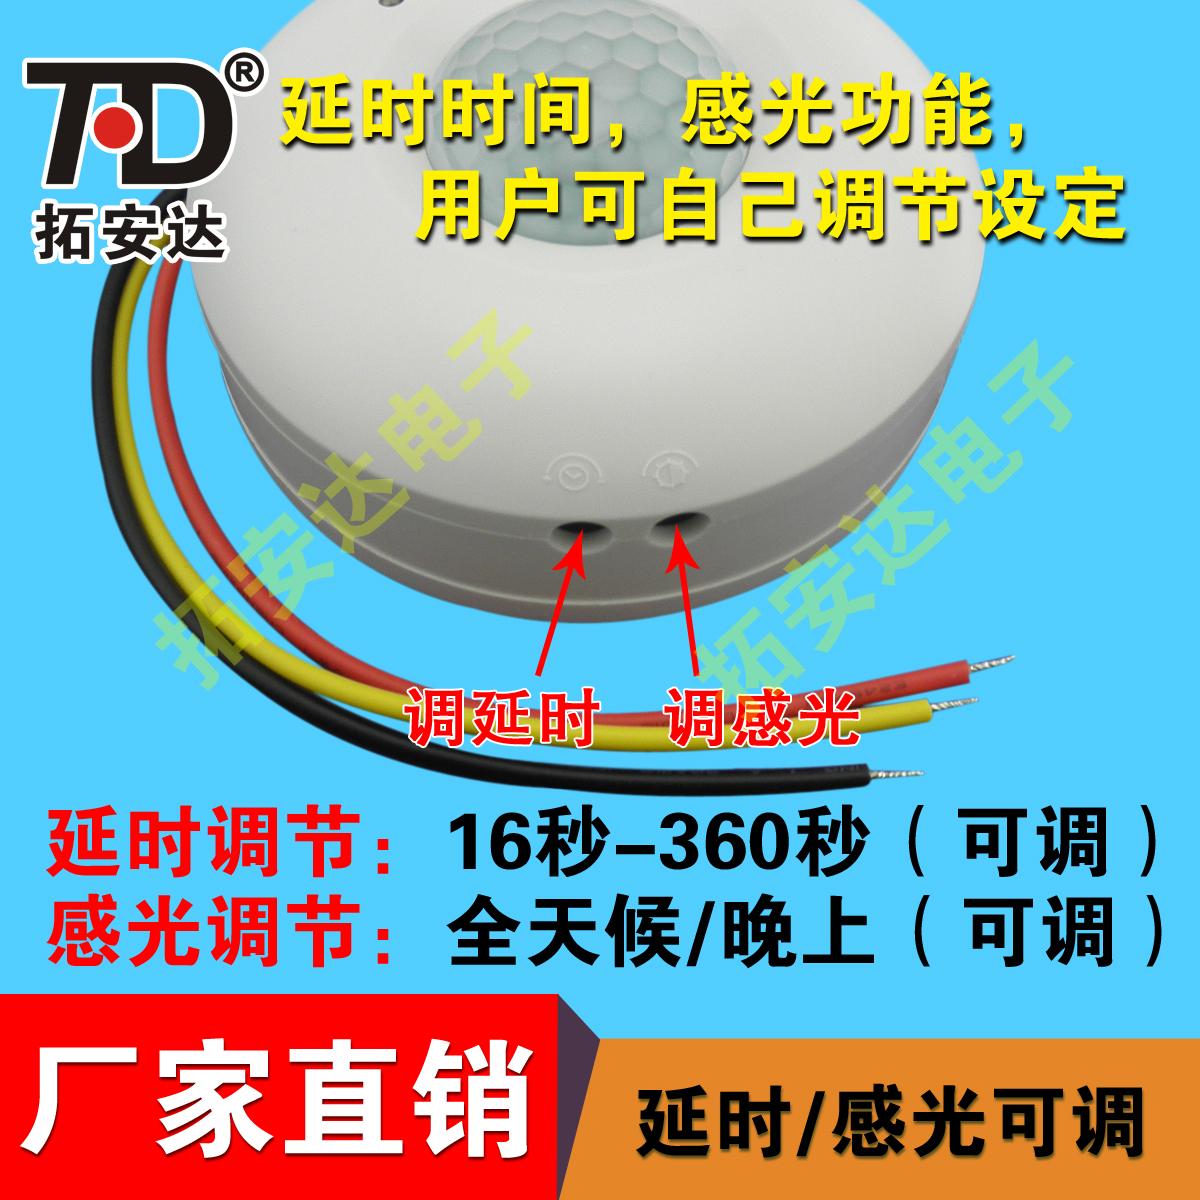 ثلاثة أسلاك التمديد اندا TAD-T816-DC24V جسم الإنسان استشعار الأشعة تحت الحمراء التبديل الذكي 12 متر نوع السقف